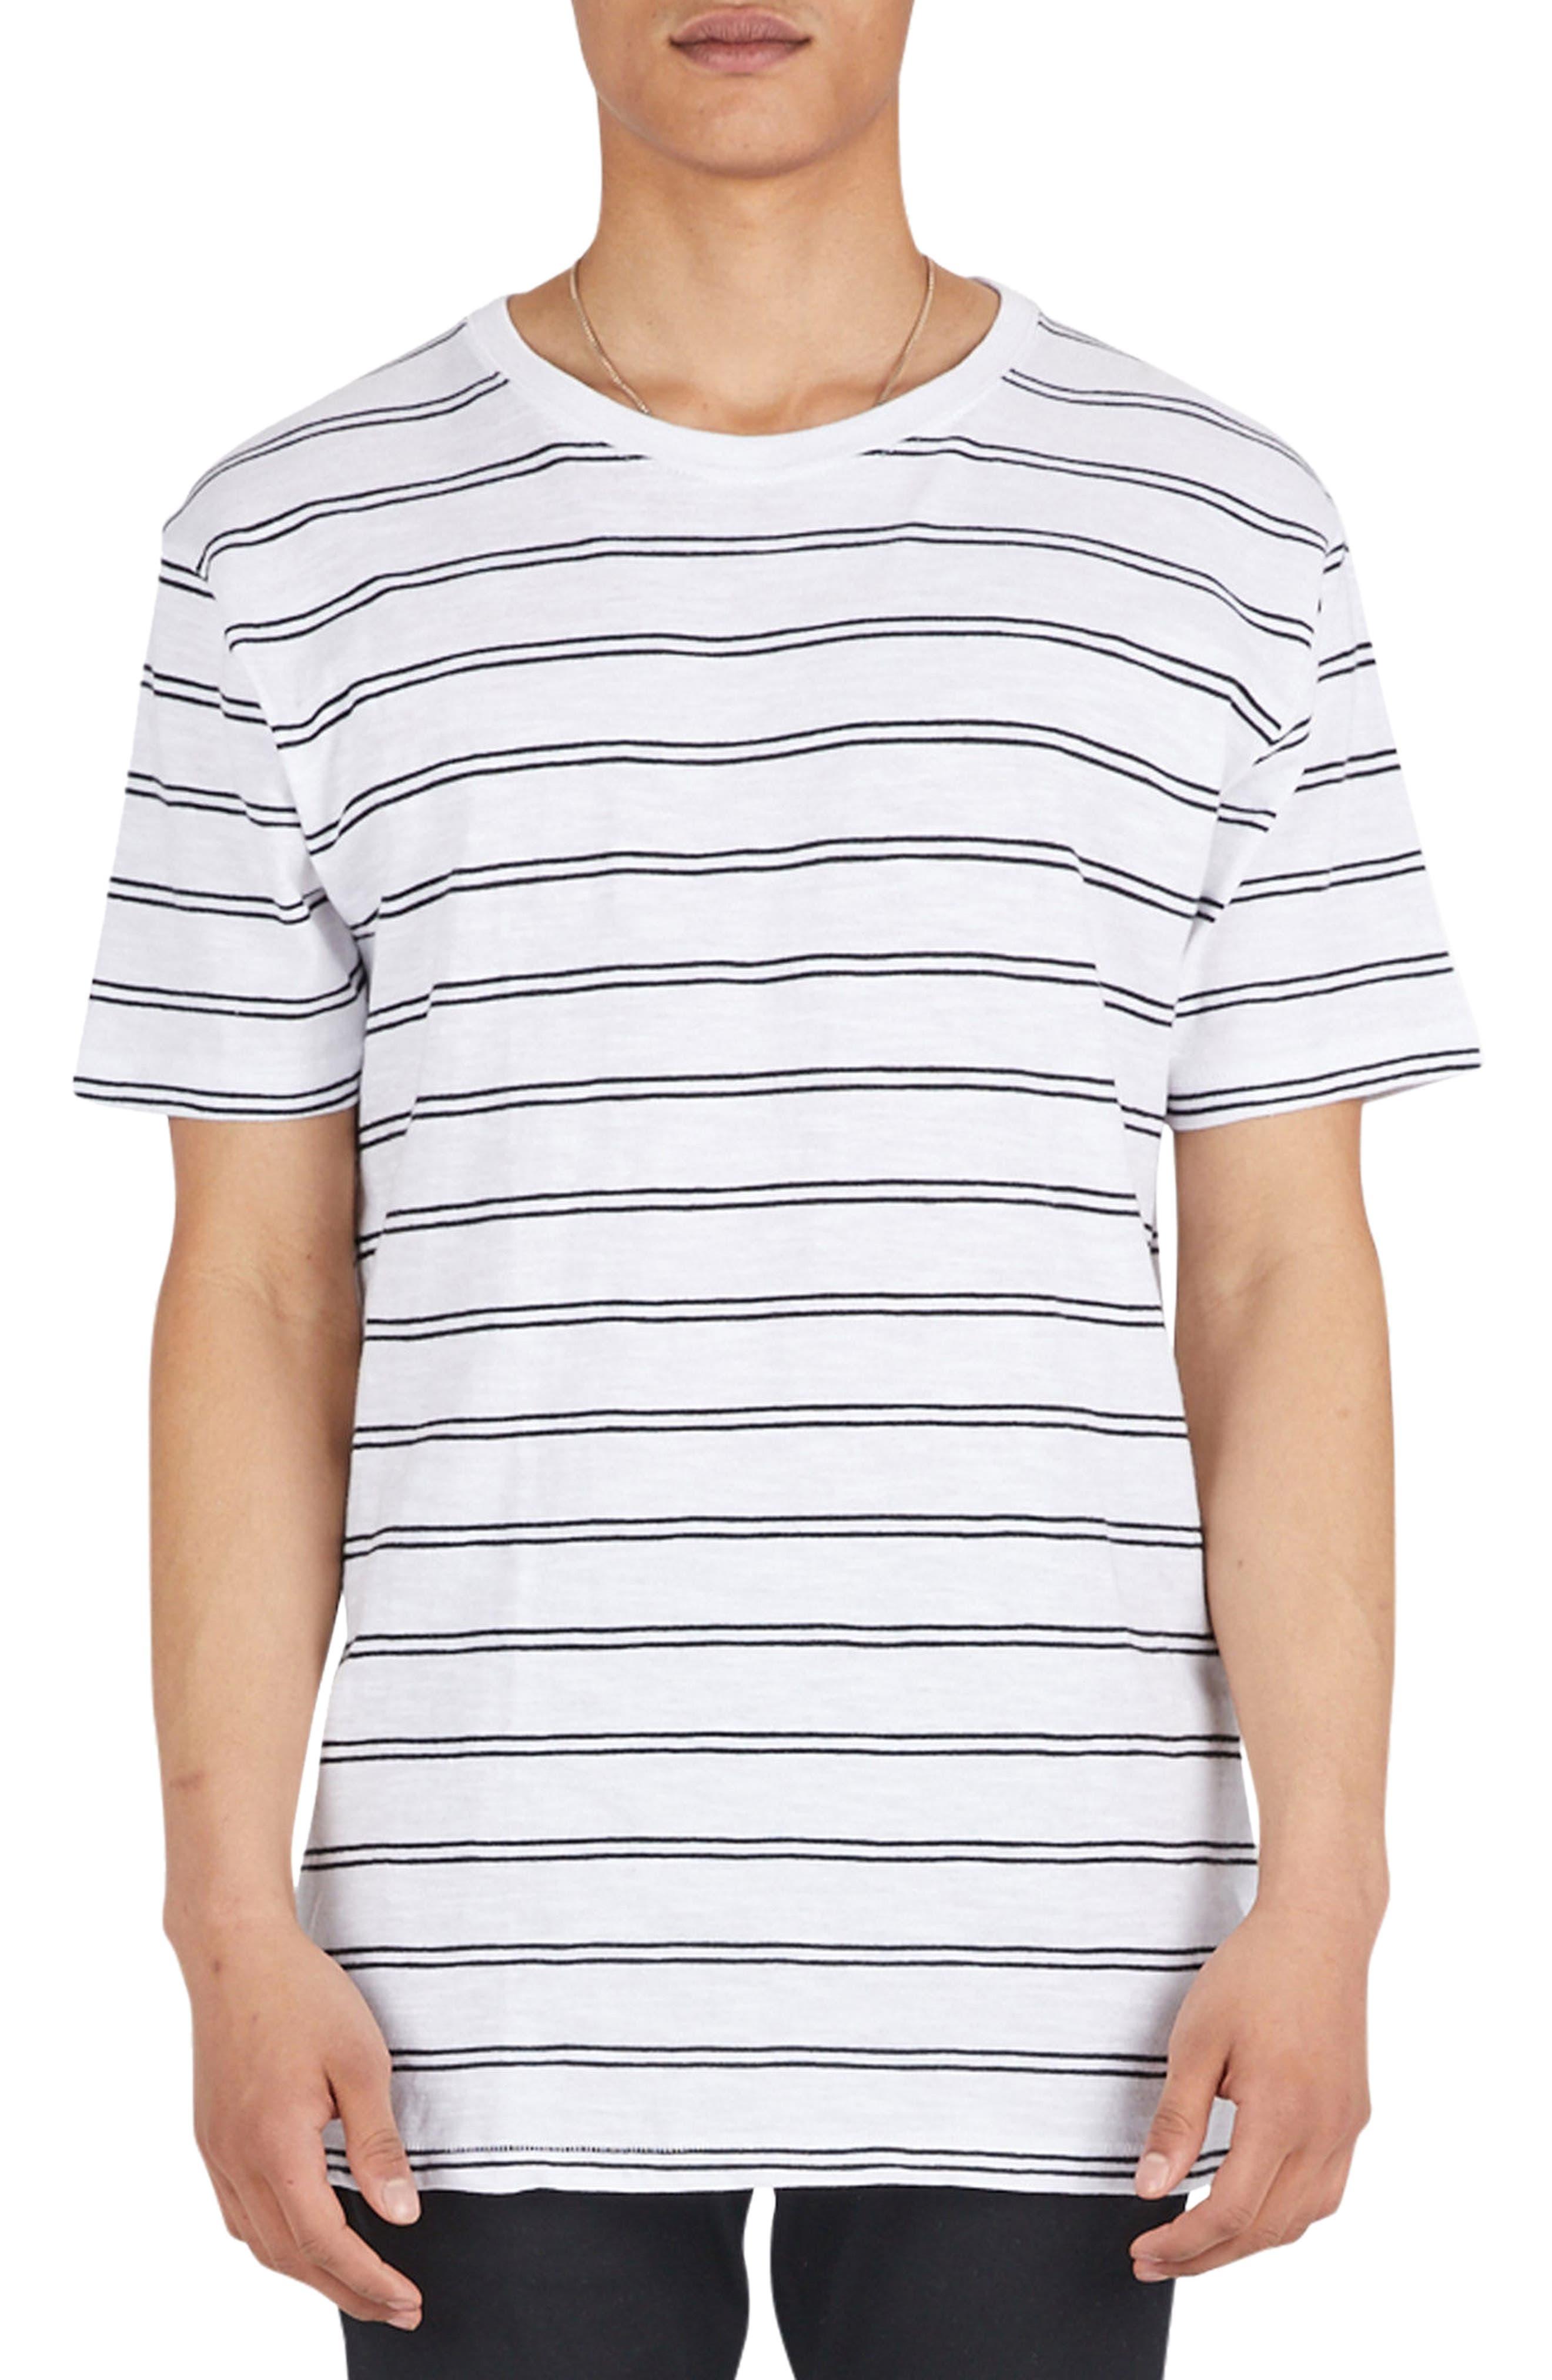 Barney Cools B. Elusive T-Shirt